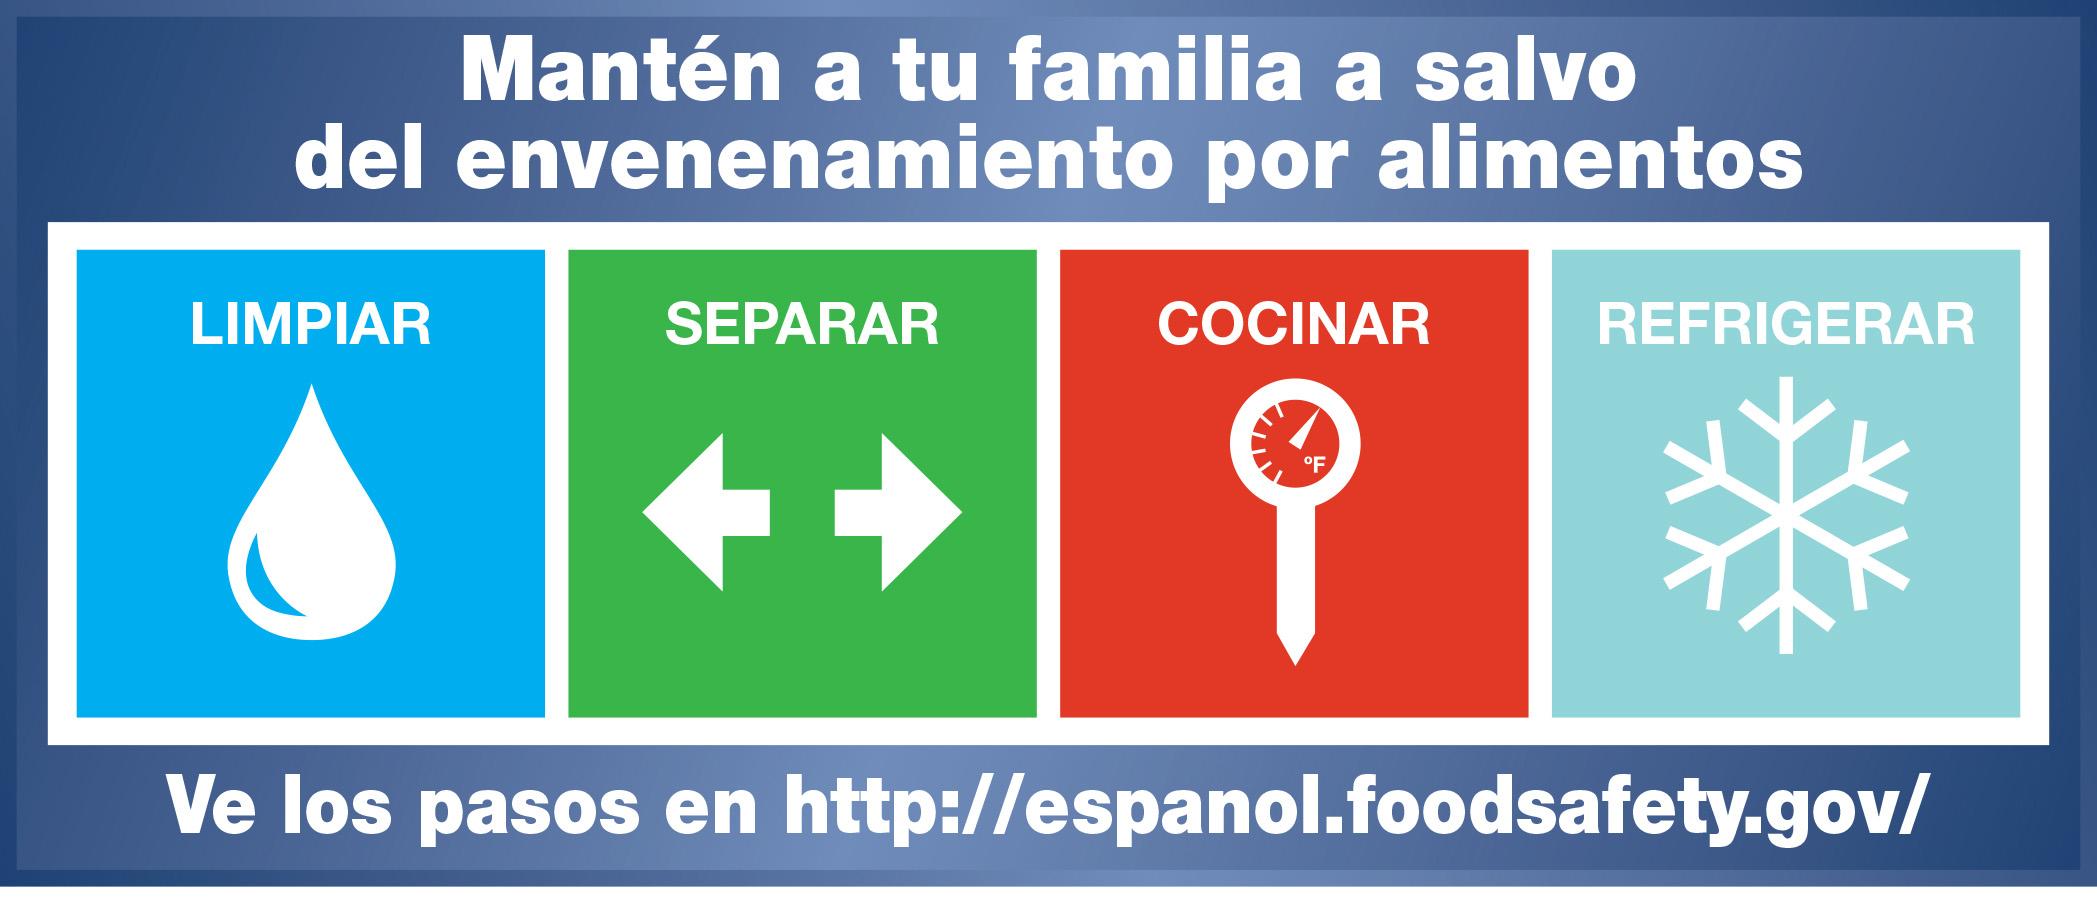 Mantén a tu familia a salvo del envenenamiento por alimentos